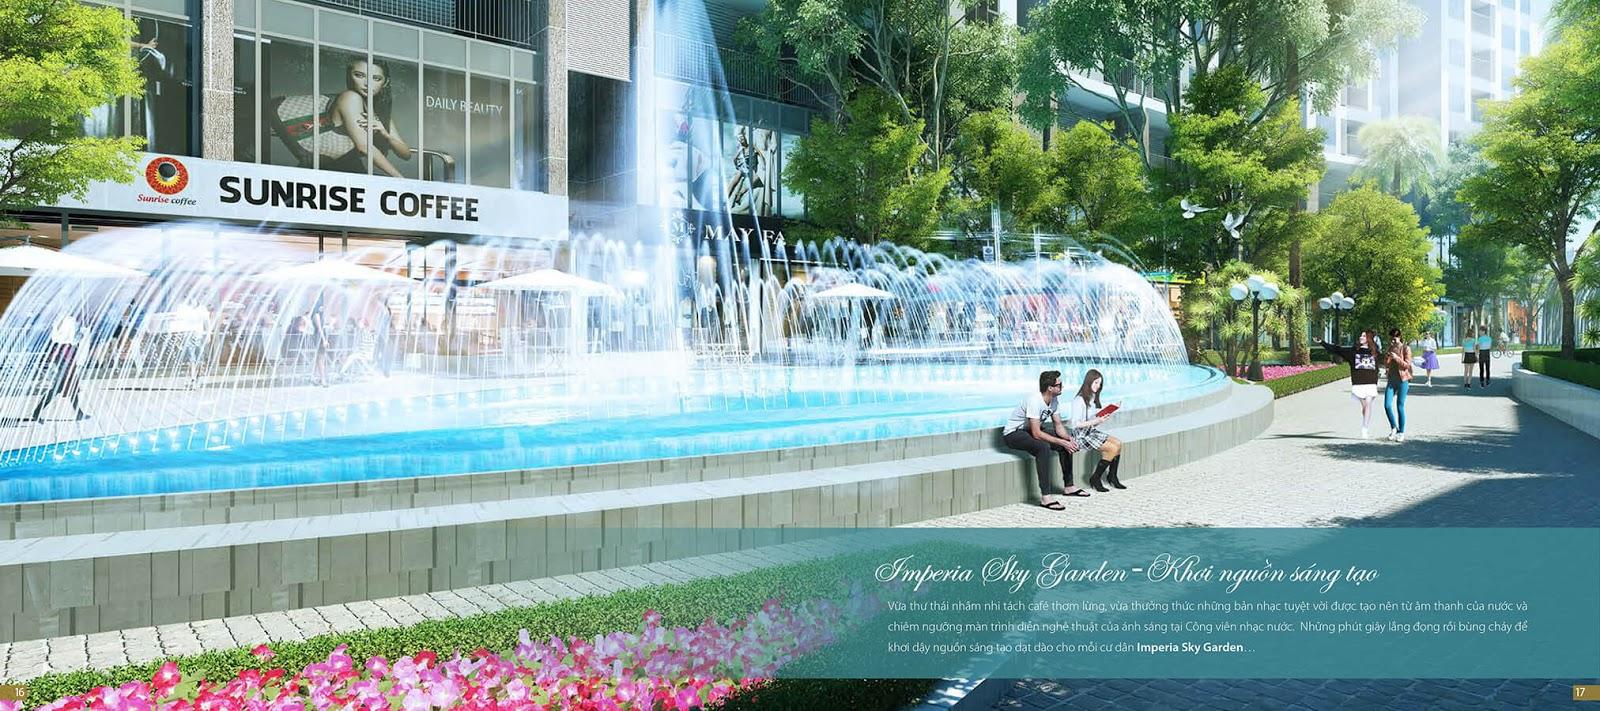 Khuôn viên chính dự án Imperia Sky Garden 423 Minh Khai